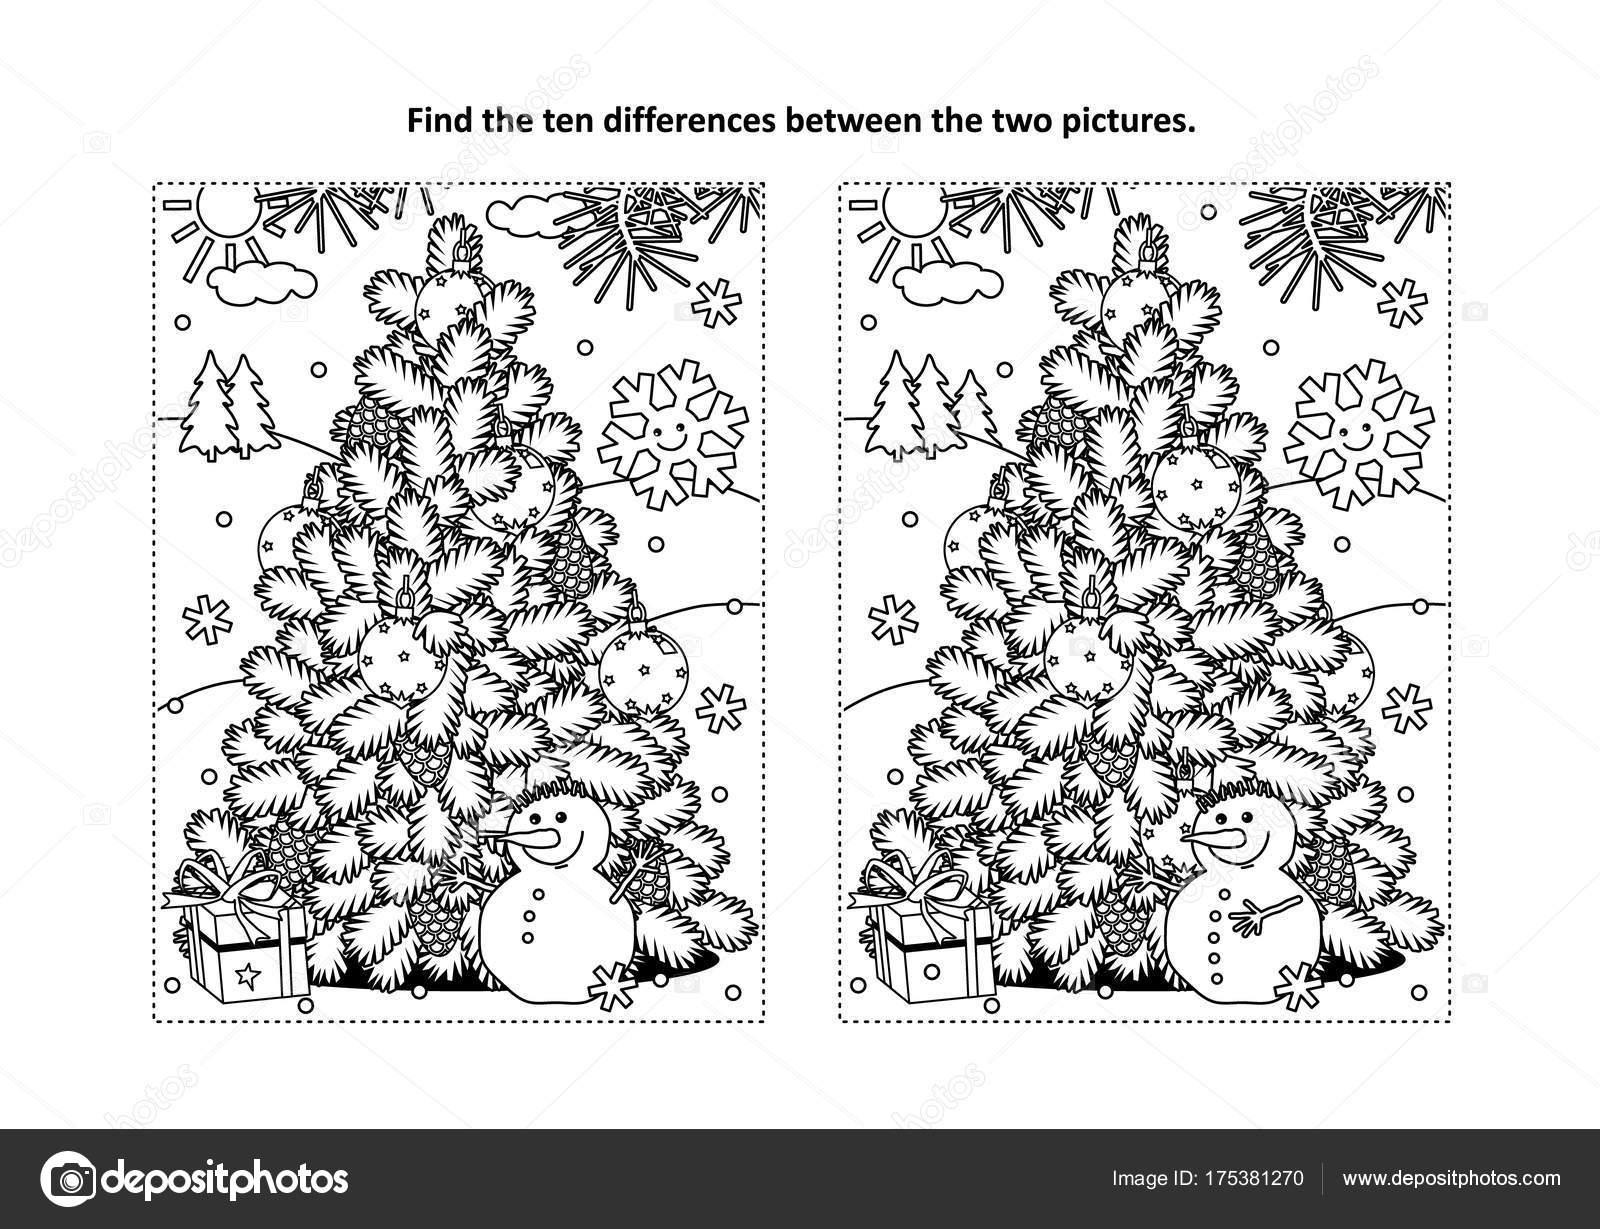 Kleurplaten Nieuwjaar En Kerstmis.Wintervakantie Vinden Nieuwjaar Kerstmis Thema Tien